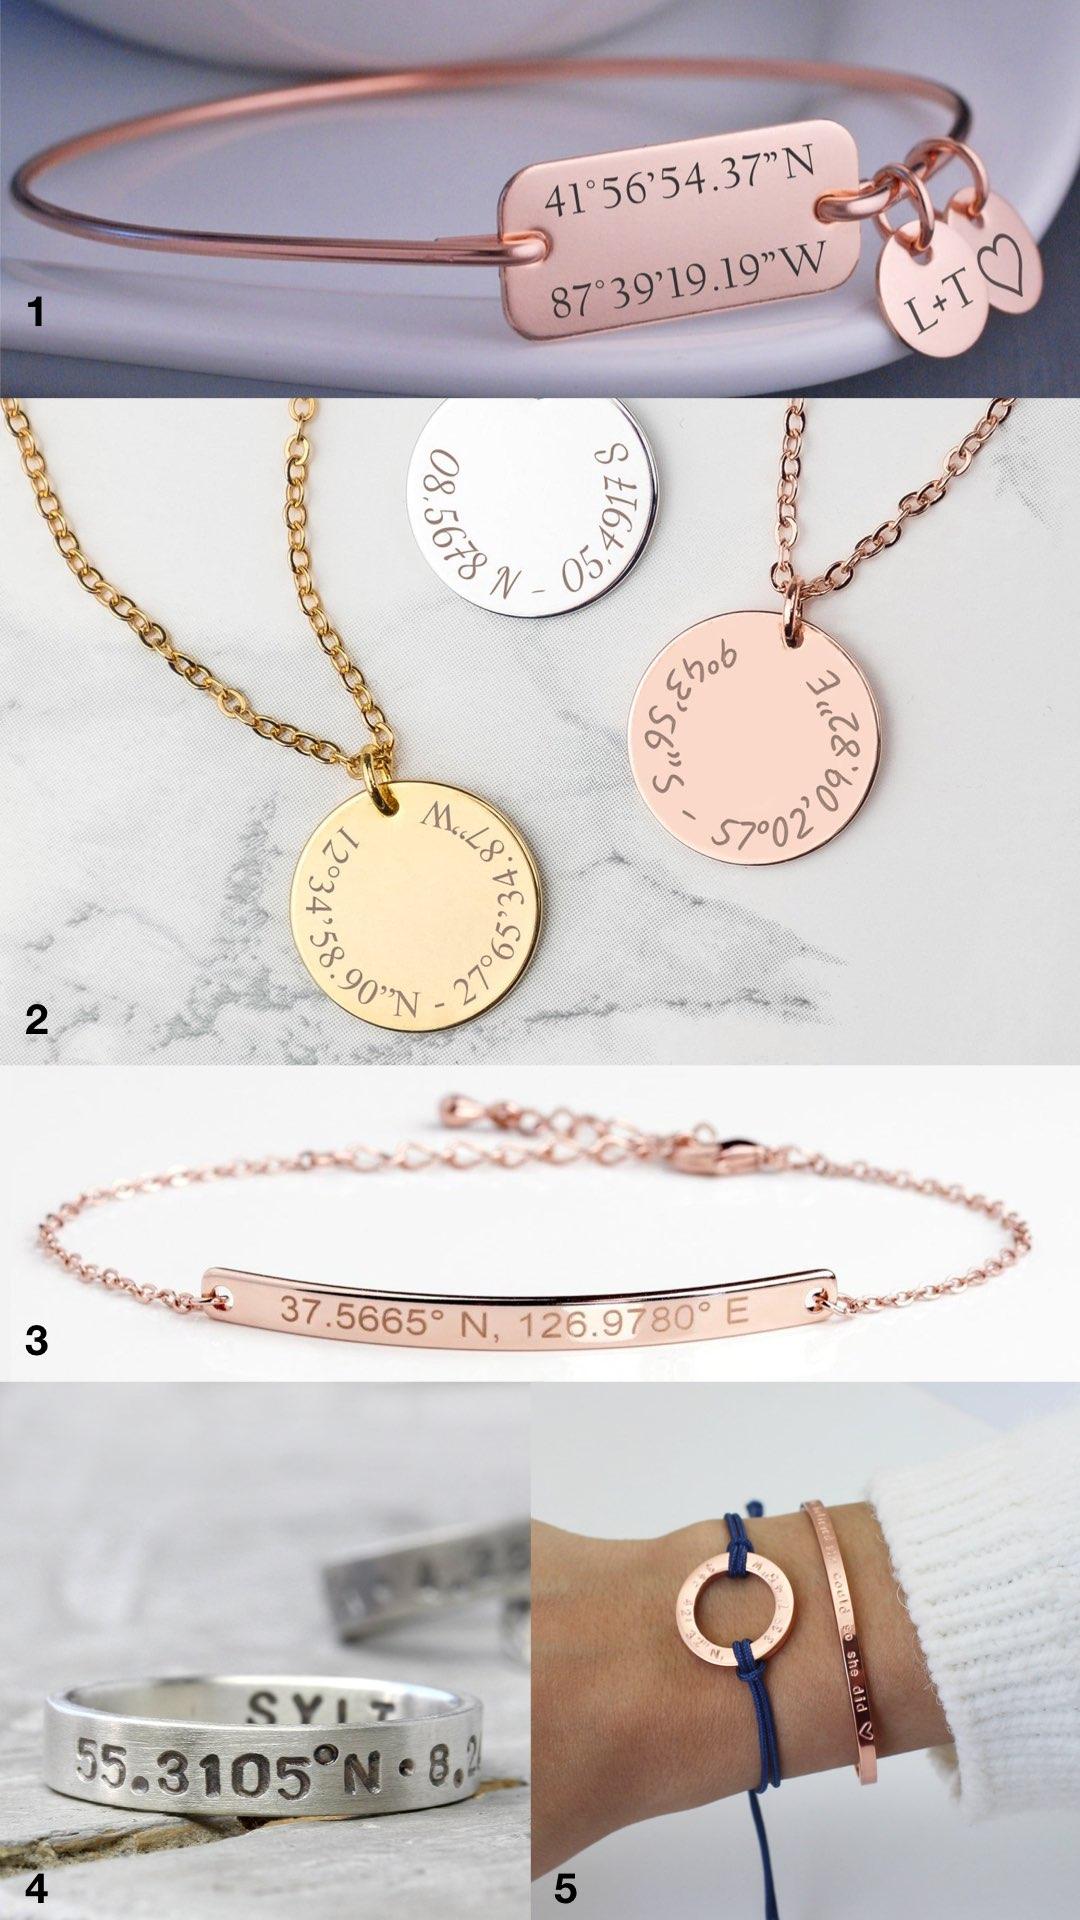 bijou bracelet coordonnées gps souvenir cadeau mariage amour or rose